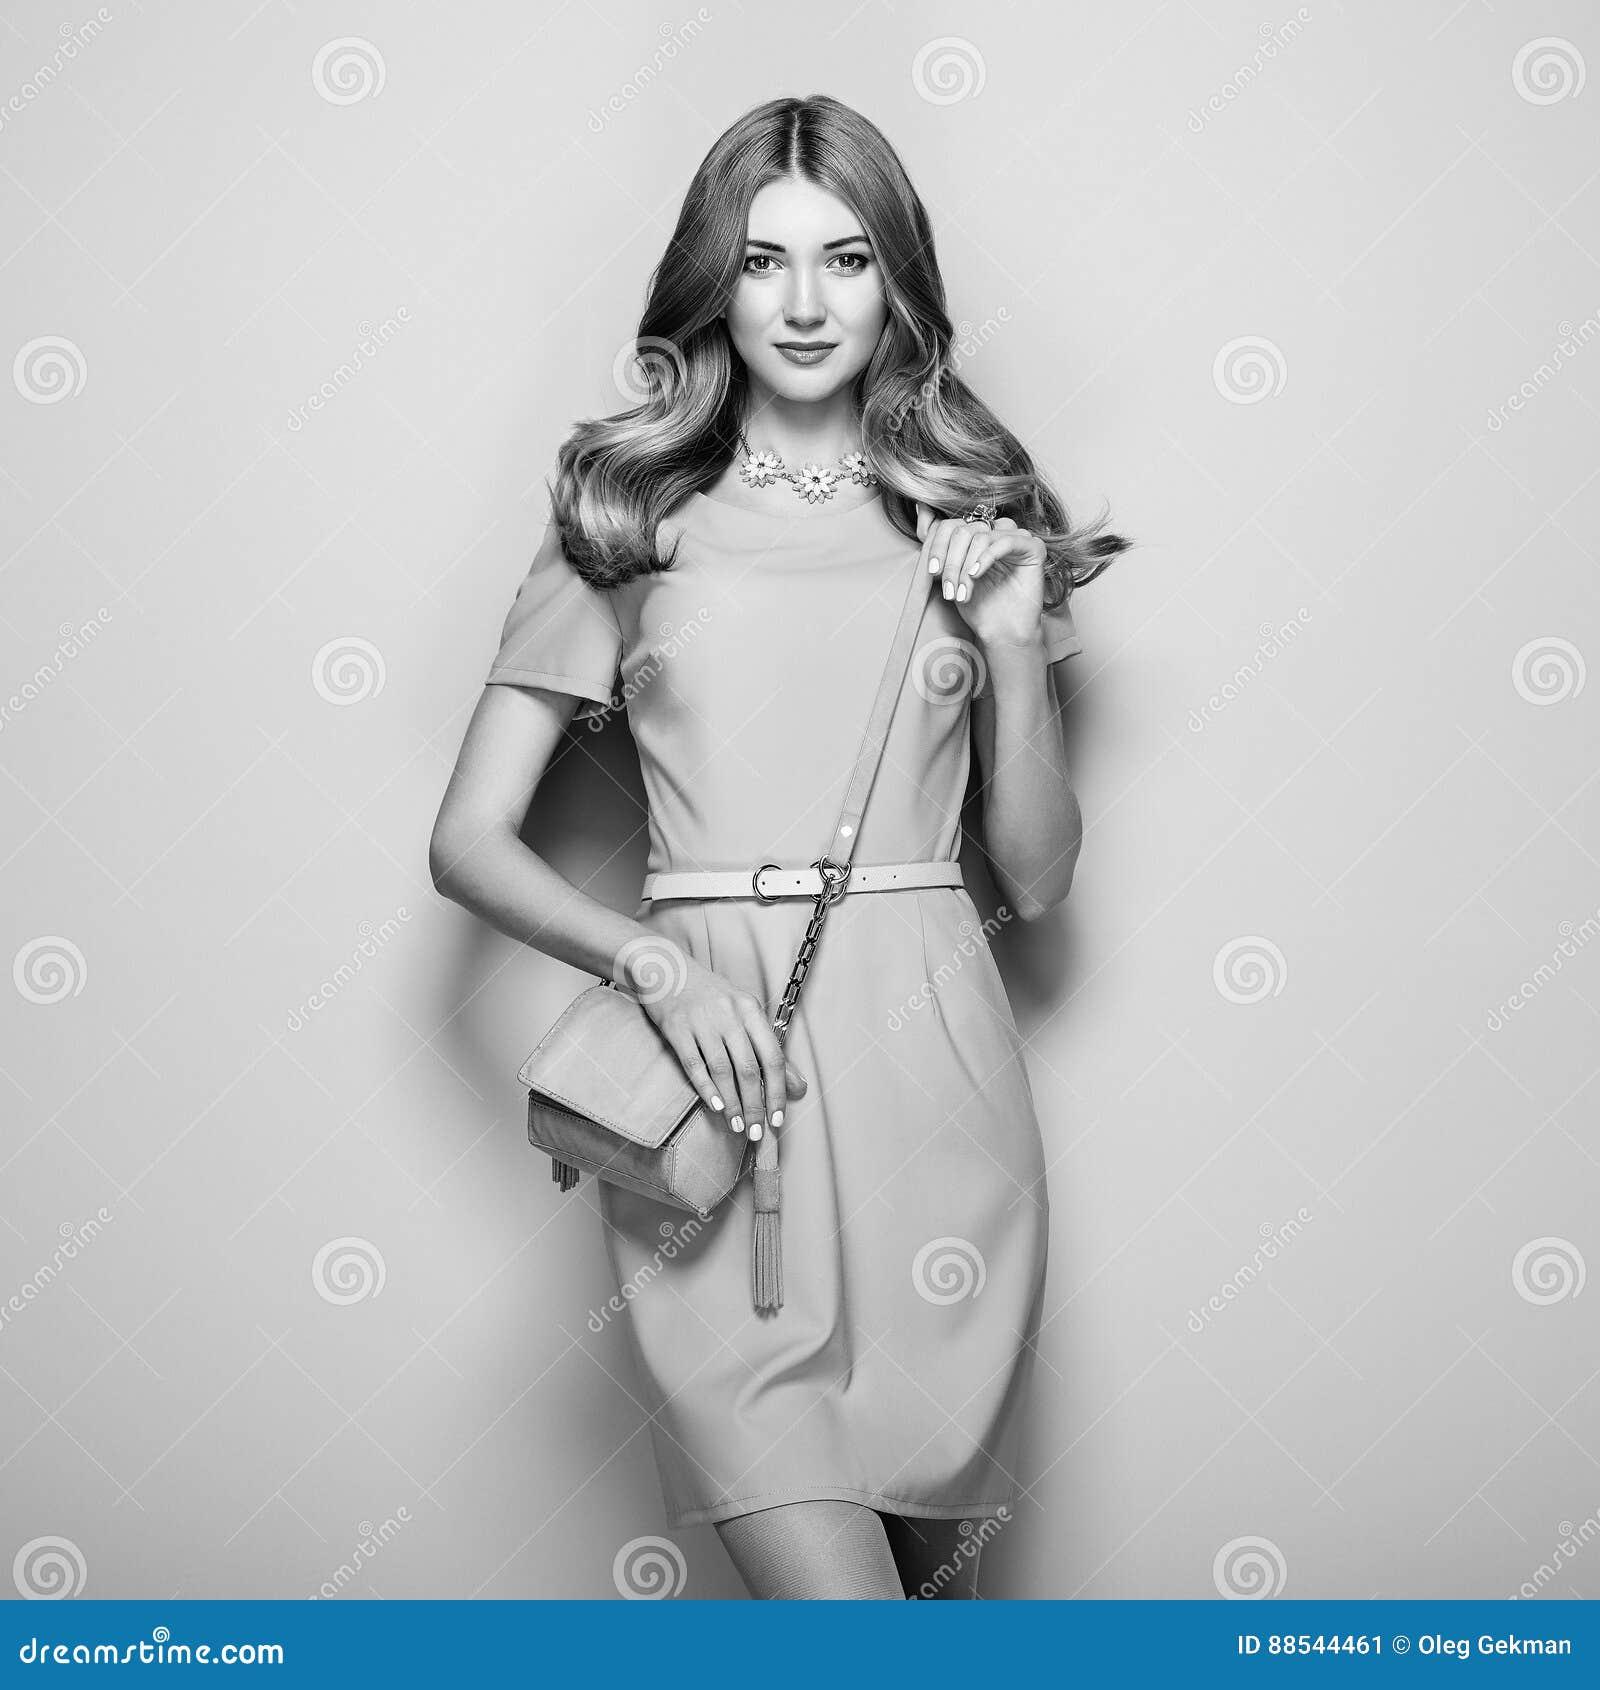 Vestiti Eleganti Bianco E Nero.Foto In Bianco E Nero Della Giovane Donna In Vestito Elegante